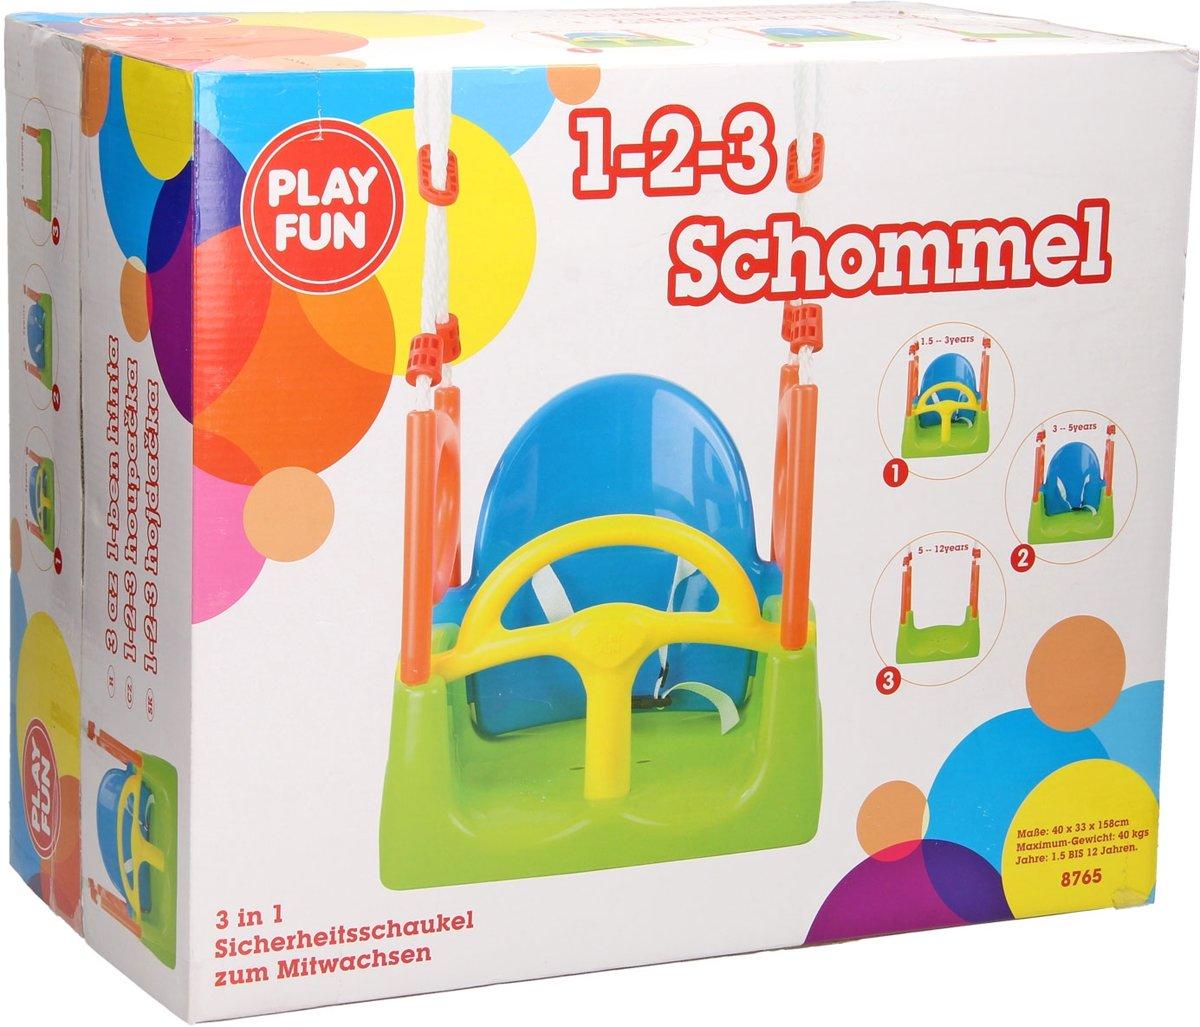 Playfun Schommelzitje 3-in-1 Multicolor 48 X 30 X 160 Cm kopen